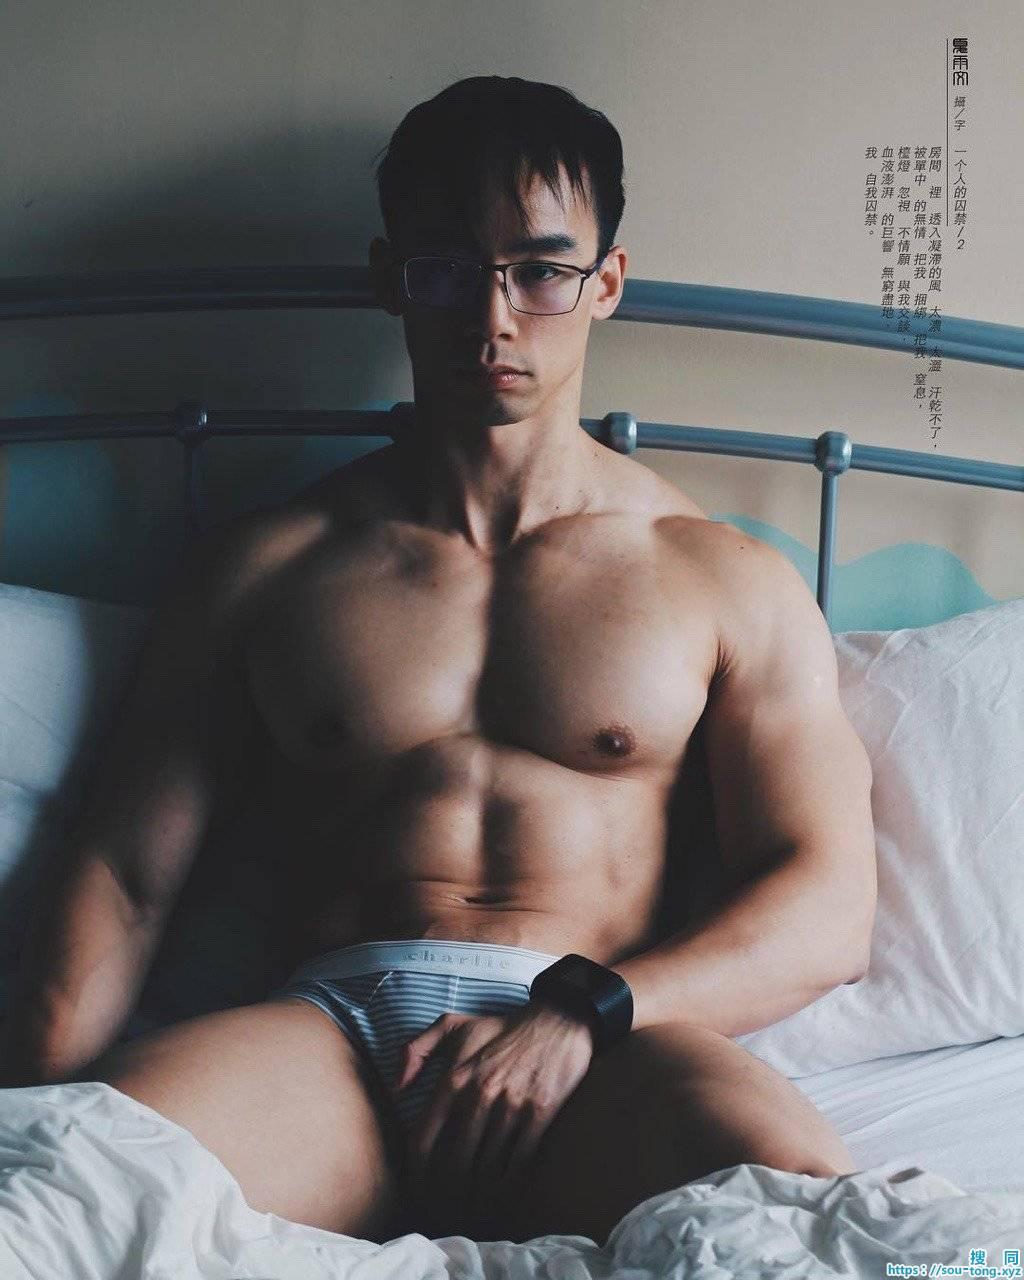 越南健壮肌肉模特